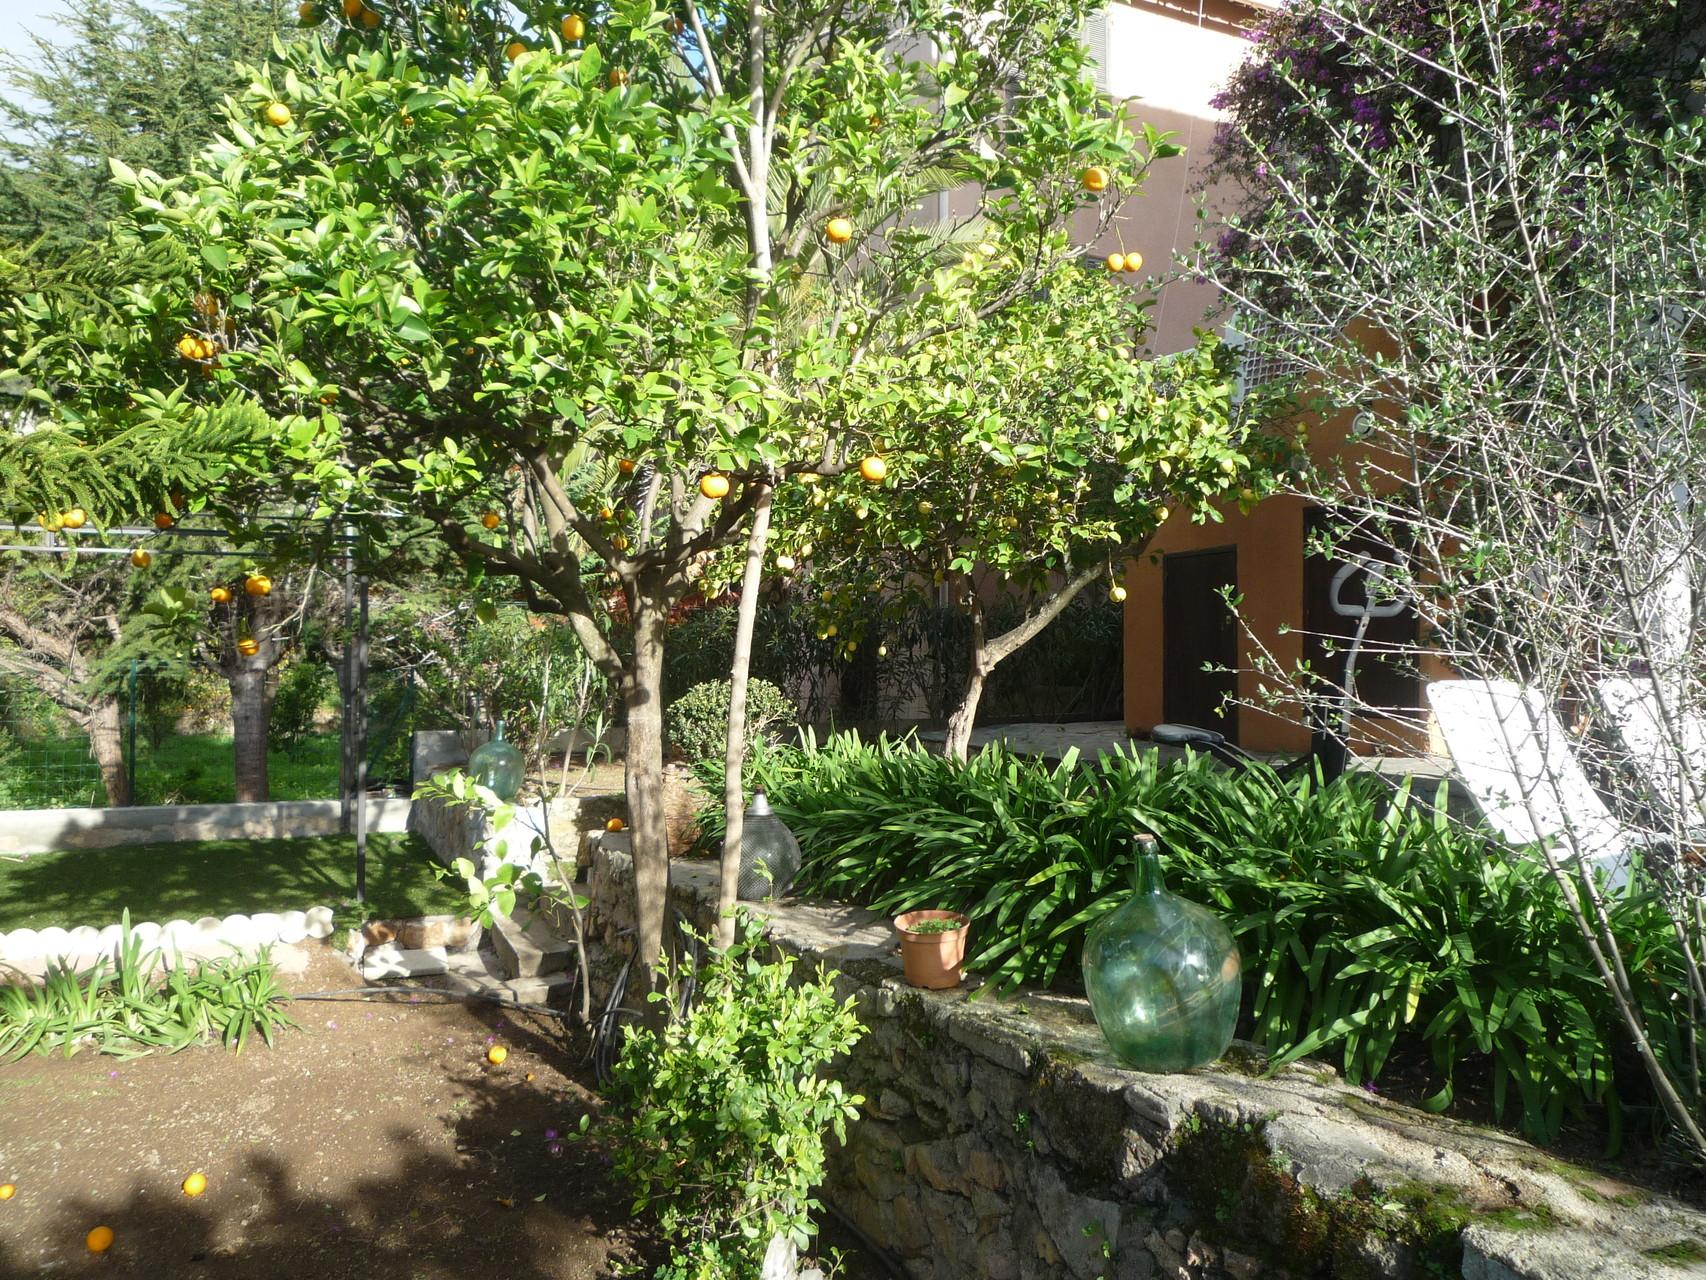 vue du jardin avec la tonnelle au fond - La maison de Ninette -